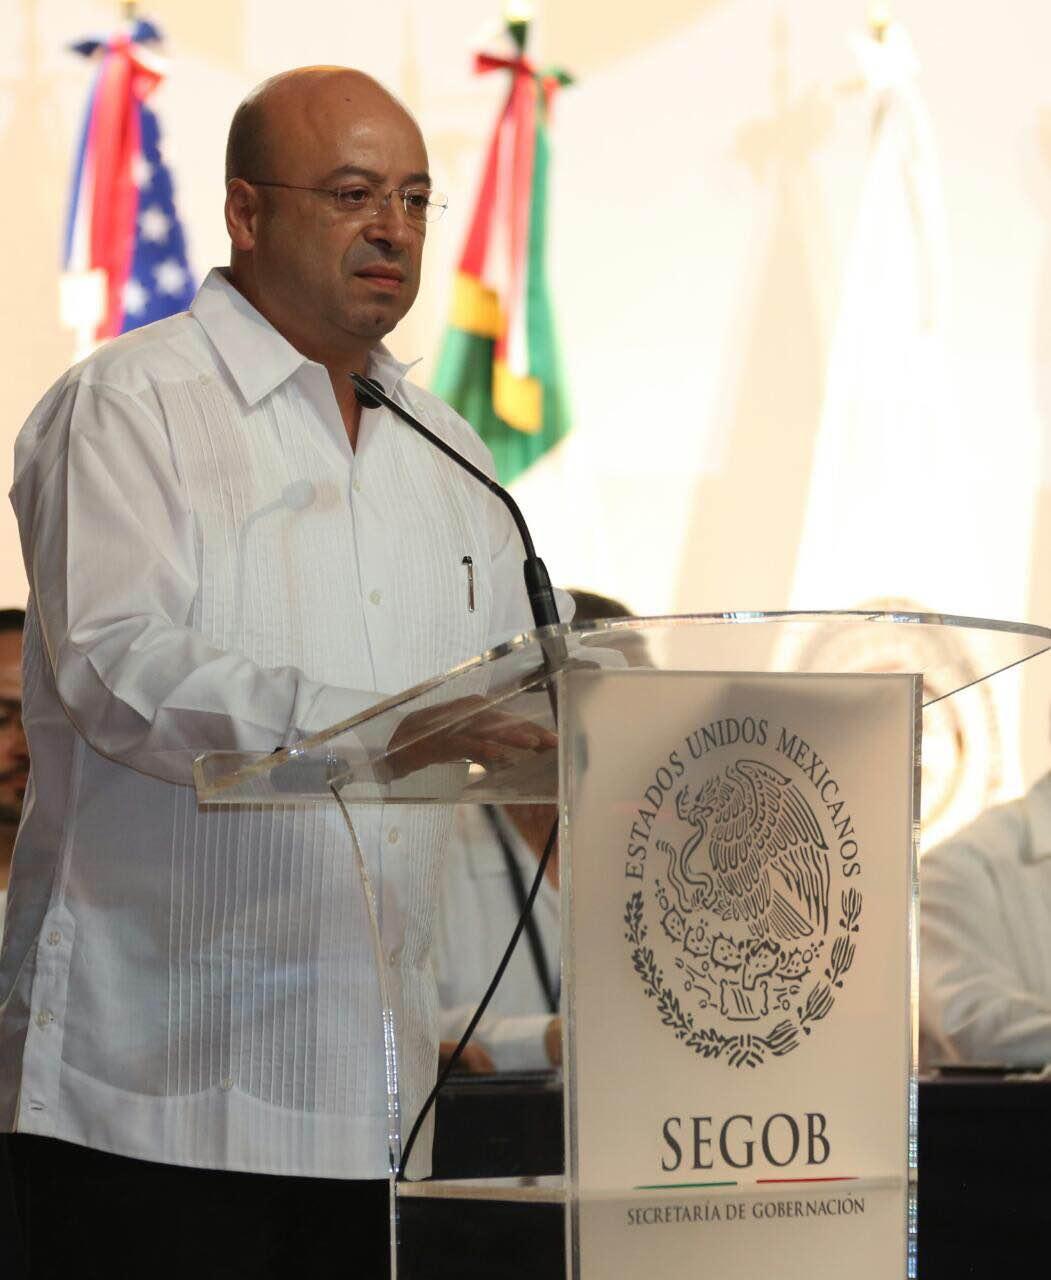 El  Comisionado Nacional de Seguridad, Lic. Renato Sales Heredia, abanderó la ceremonia de graduación del Curso de Formación Inicial Penitenciaria, en la (ANAP) del (OADPRS), ubicada en Xalapa, Veracruz.